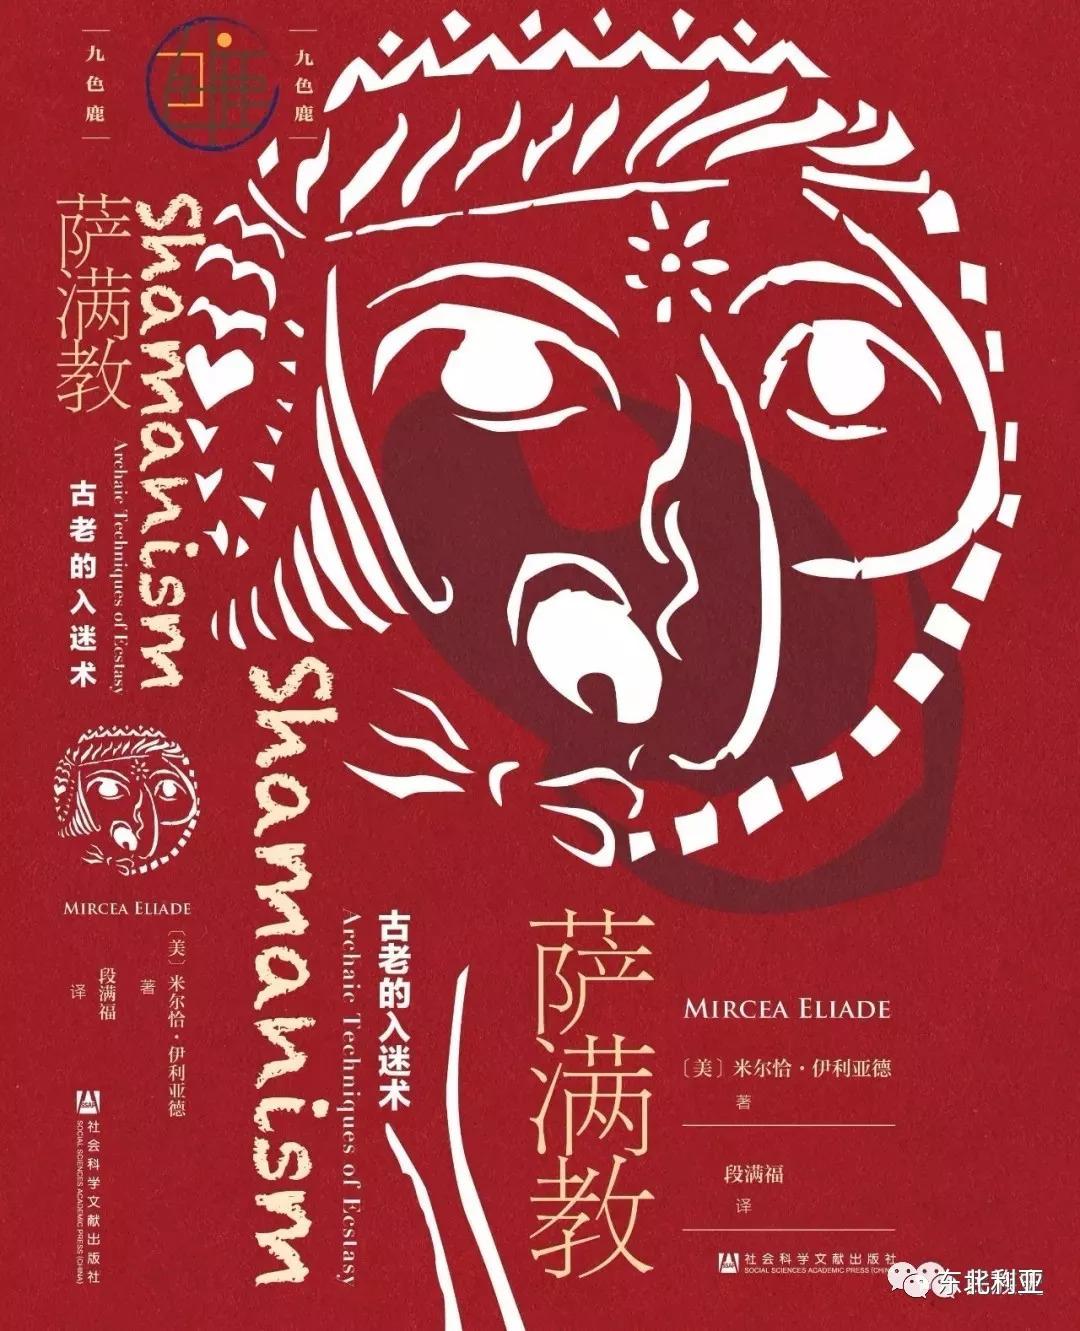 【宗教】《萨满教——古老的入迷术》